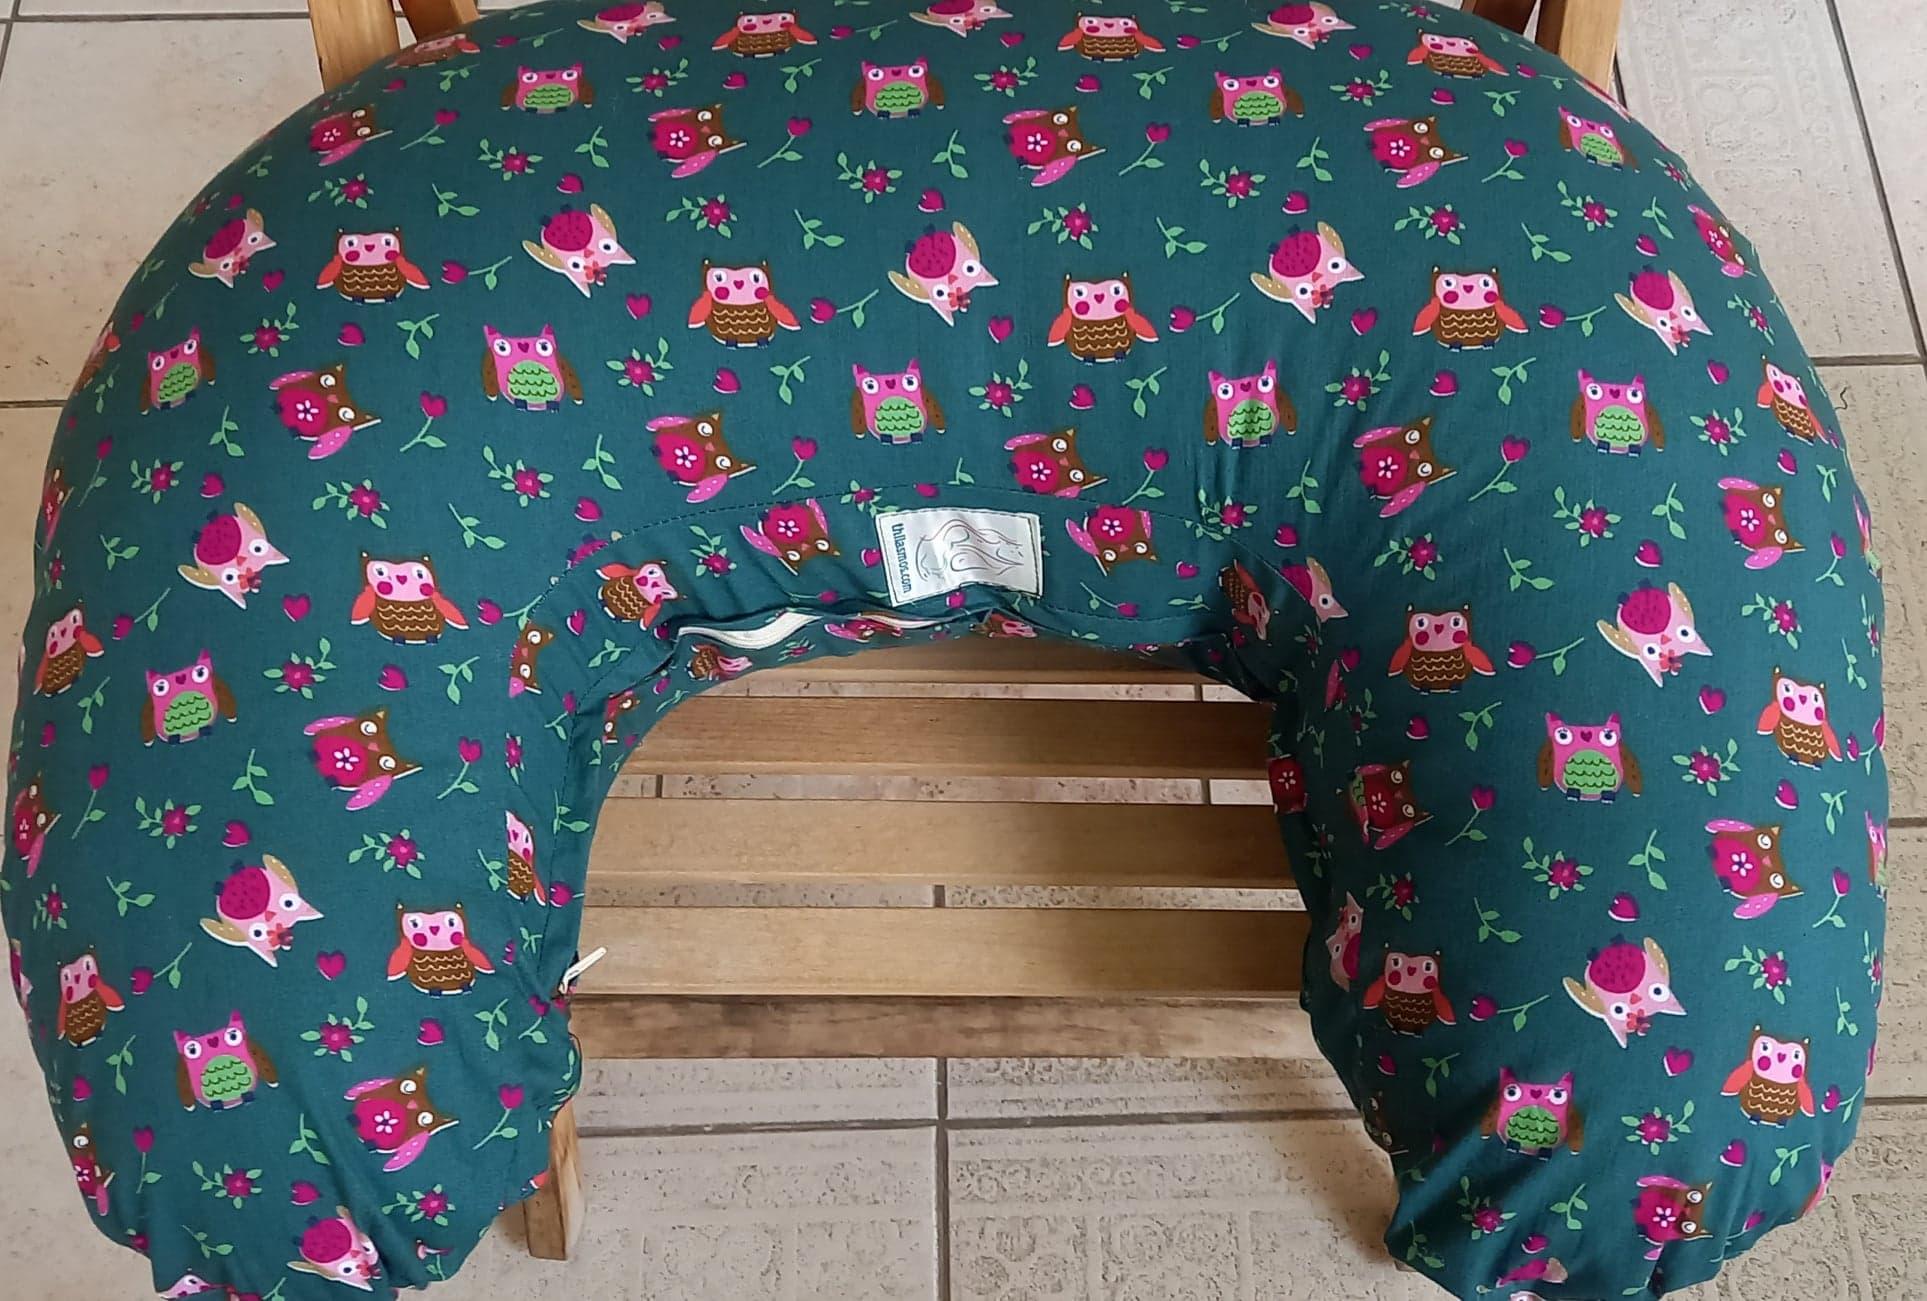 Μαξιλάρι θηλασμού - Thilasmos - Πράσινο, ροζ κουκουβάγιες